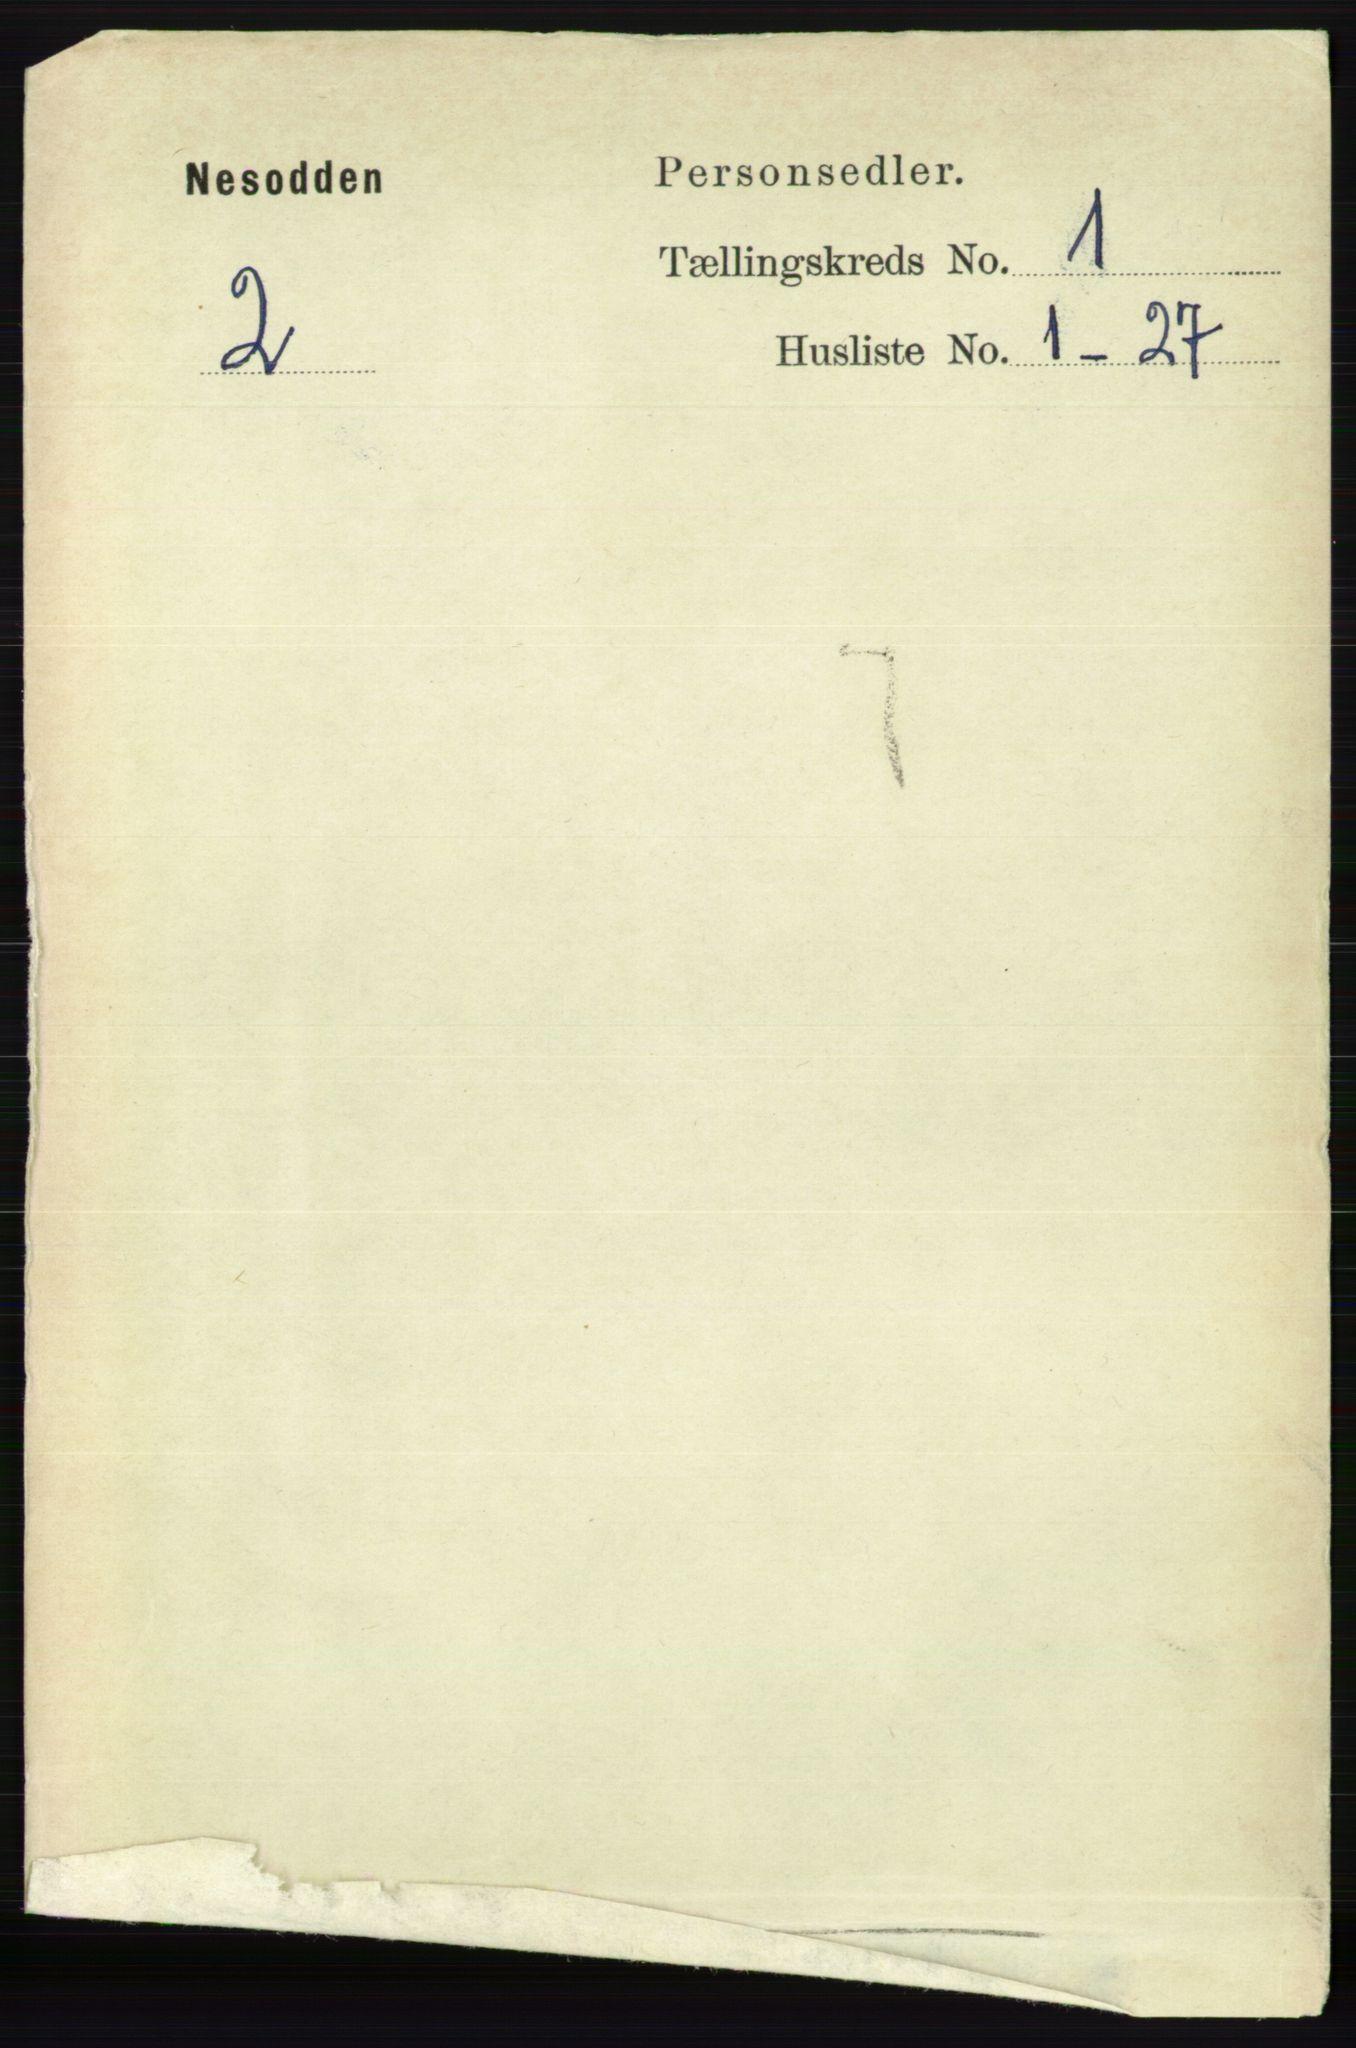 RA, Folketelling 1891 for 0216 Nesodden herred, 1891, s. 91